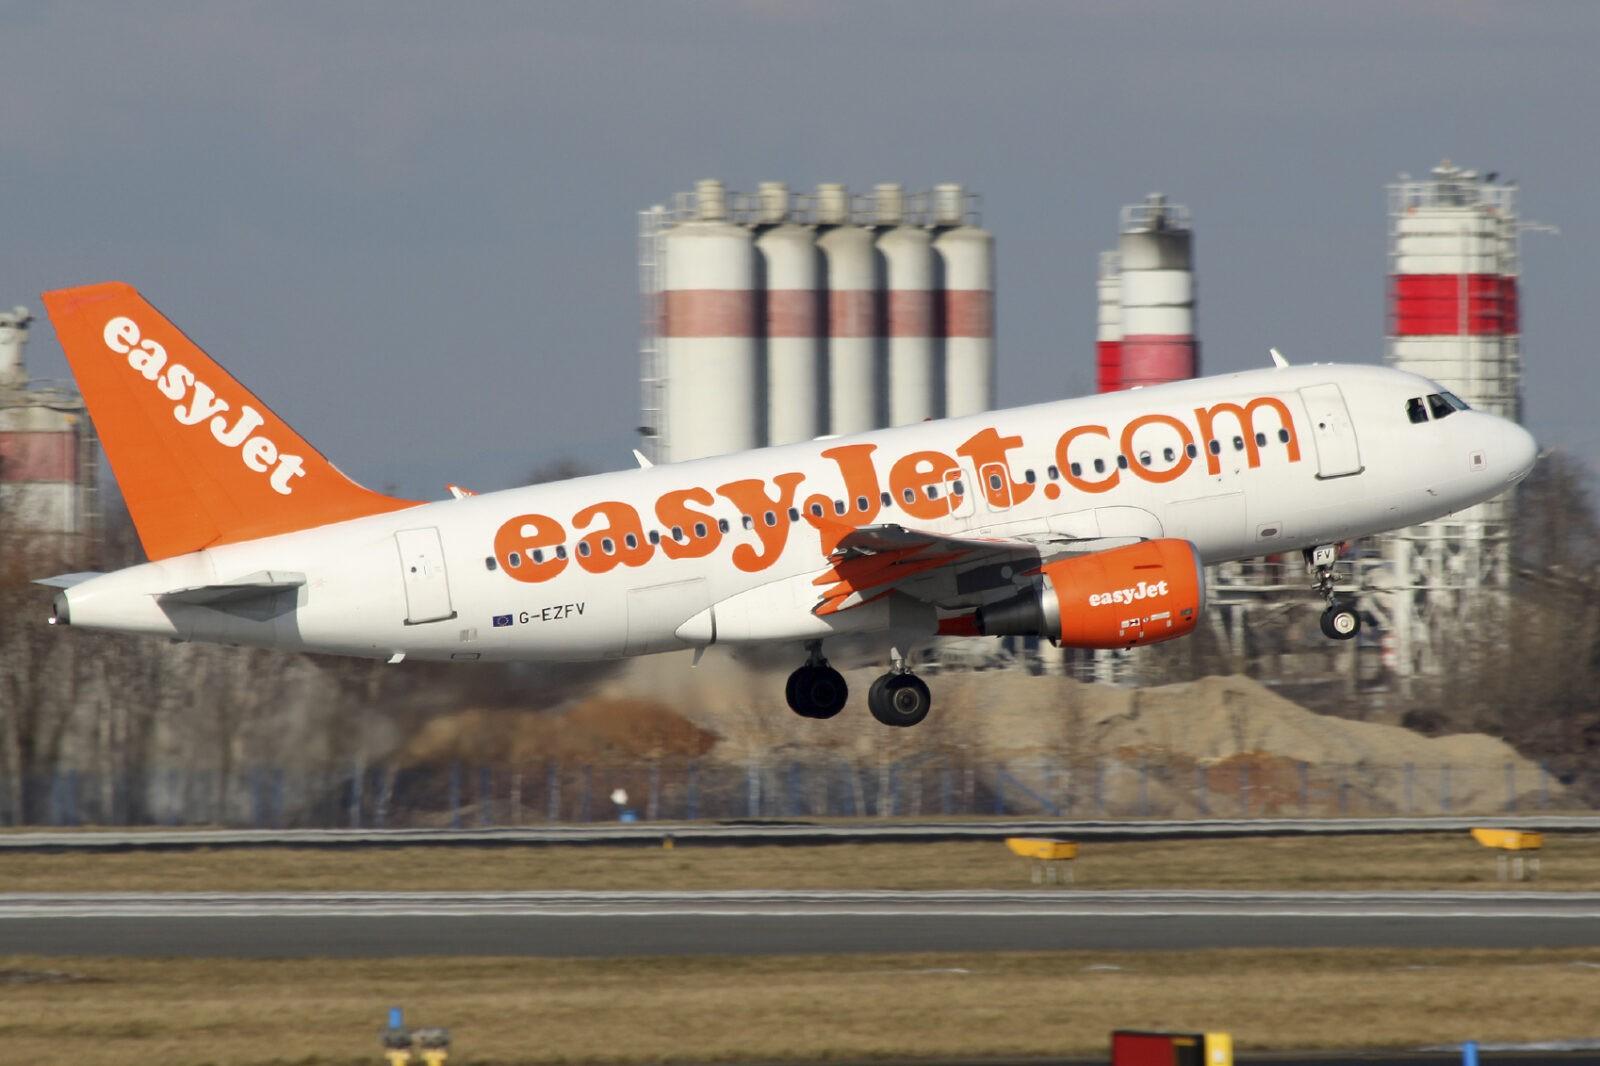 Essyjet Takeoff